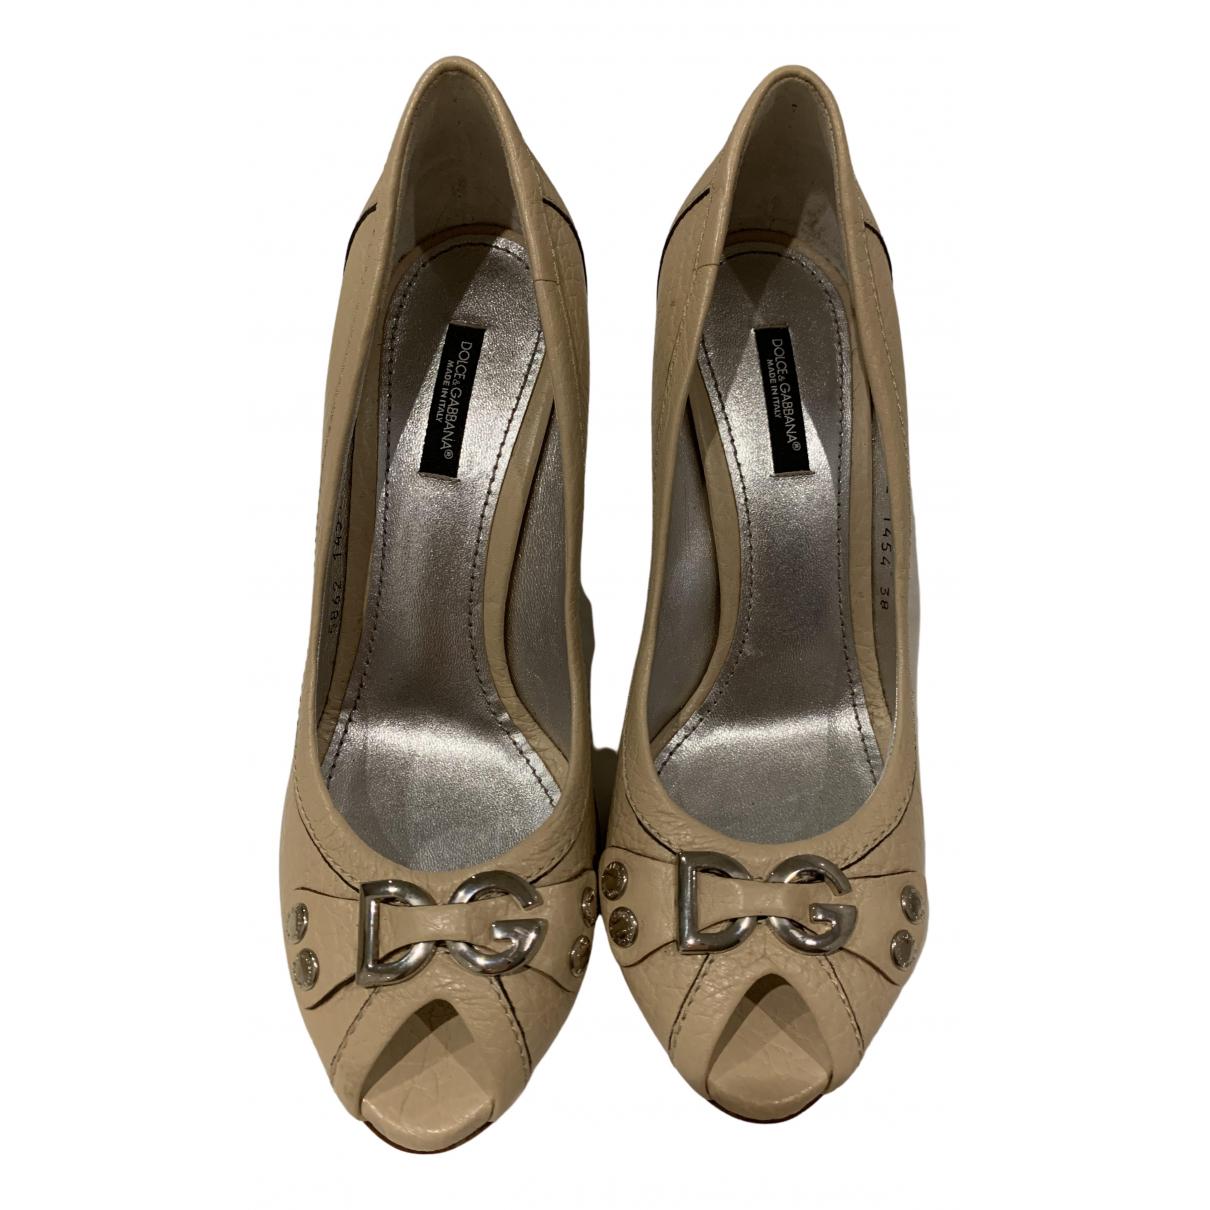 Dolce & Gabbana \N Beige Leather Heels for Women 38 EU